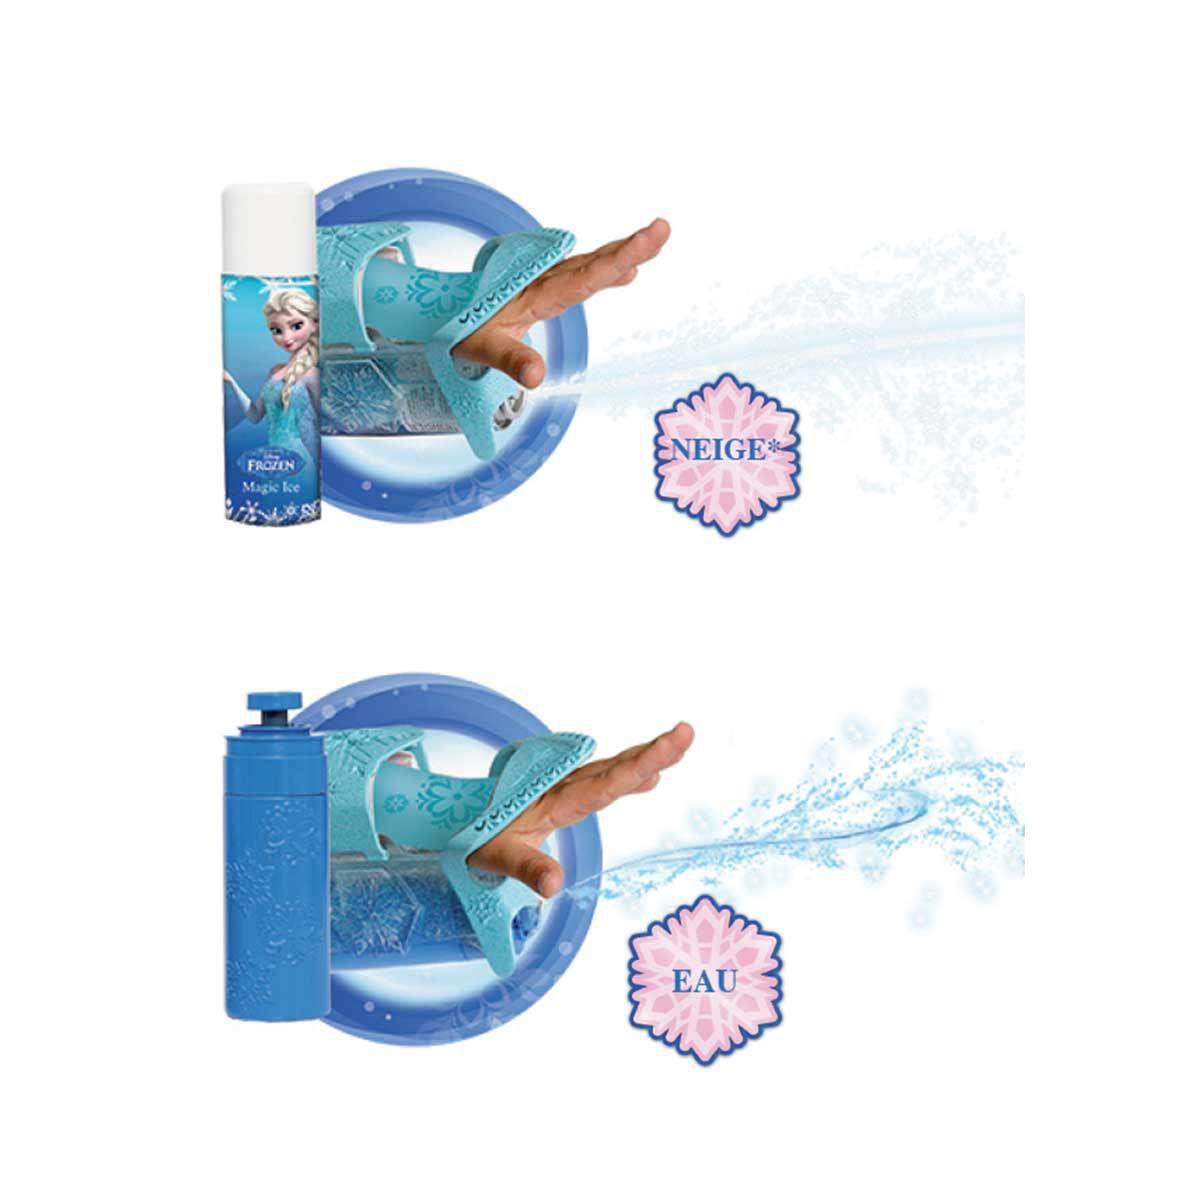 c0d066998fed LA REINE DES NEIGES Gant Magique Elsa Lance Glace - Disney - Achat ...